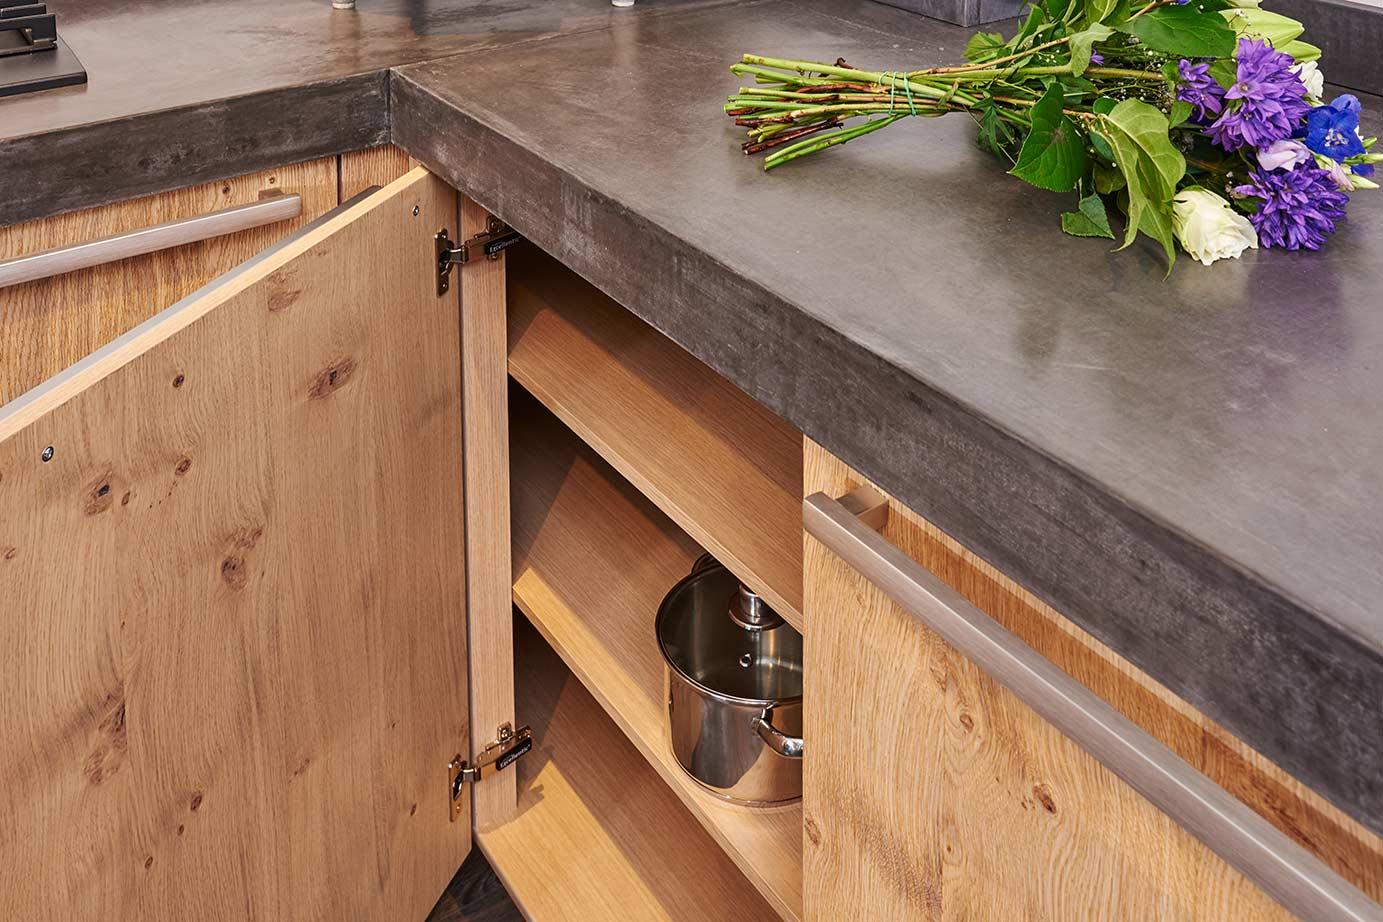 Houten keukens geven warmte en een natuurlijk sfeer pelma